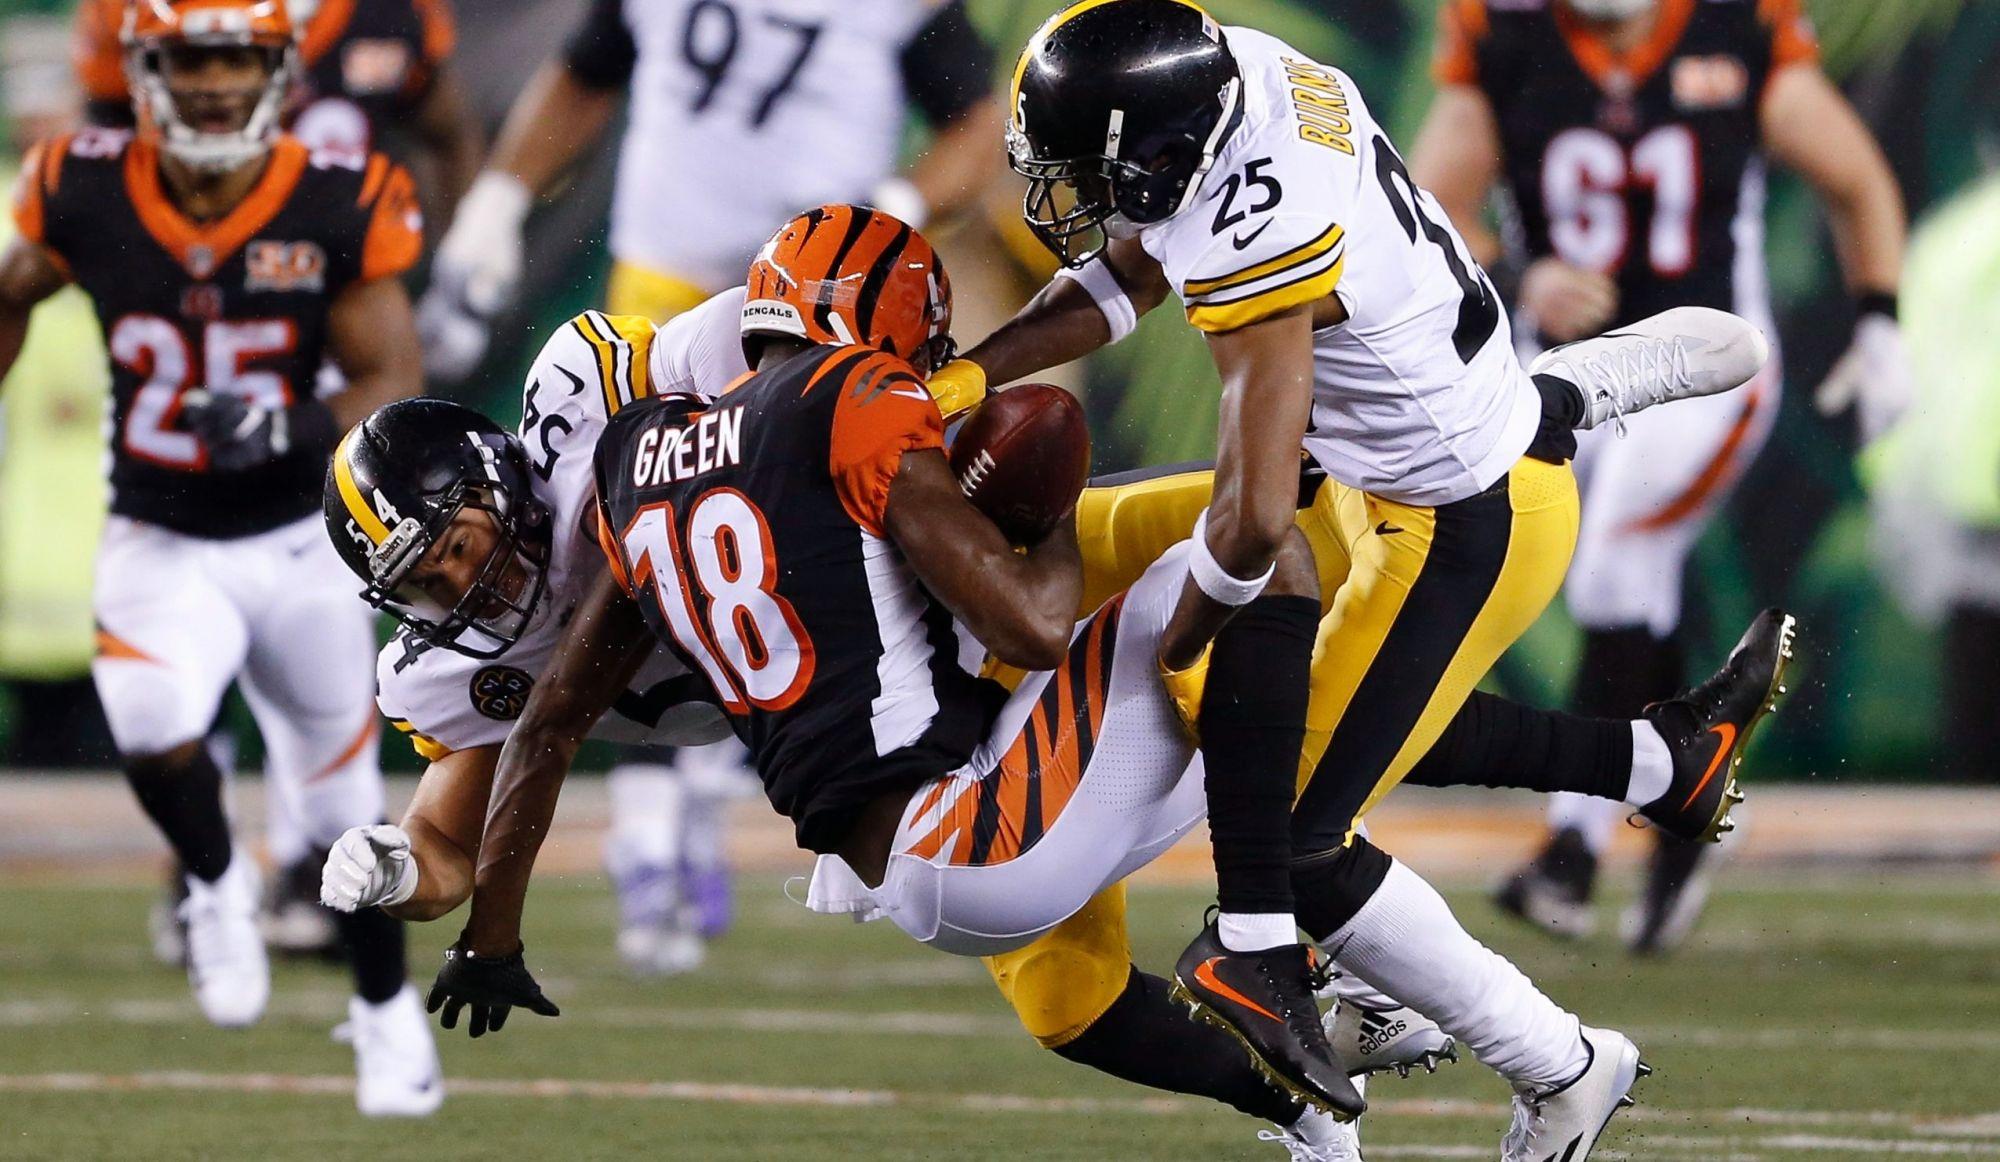 Autre épisode de la (trop?) grande rivalité Steelers-Bengals (vidéo)